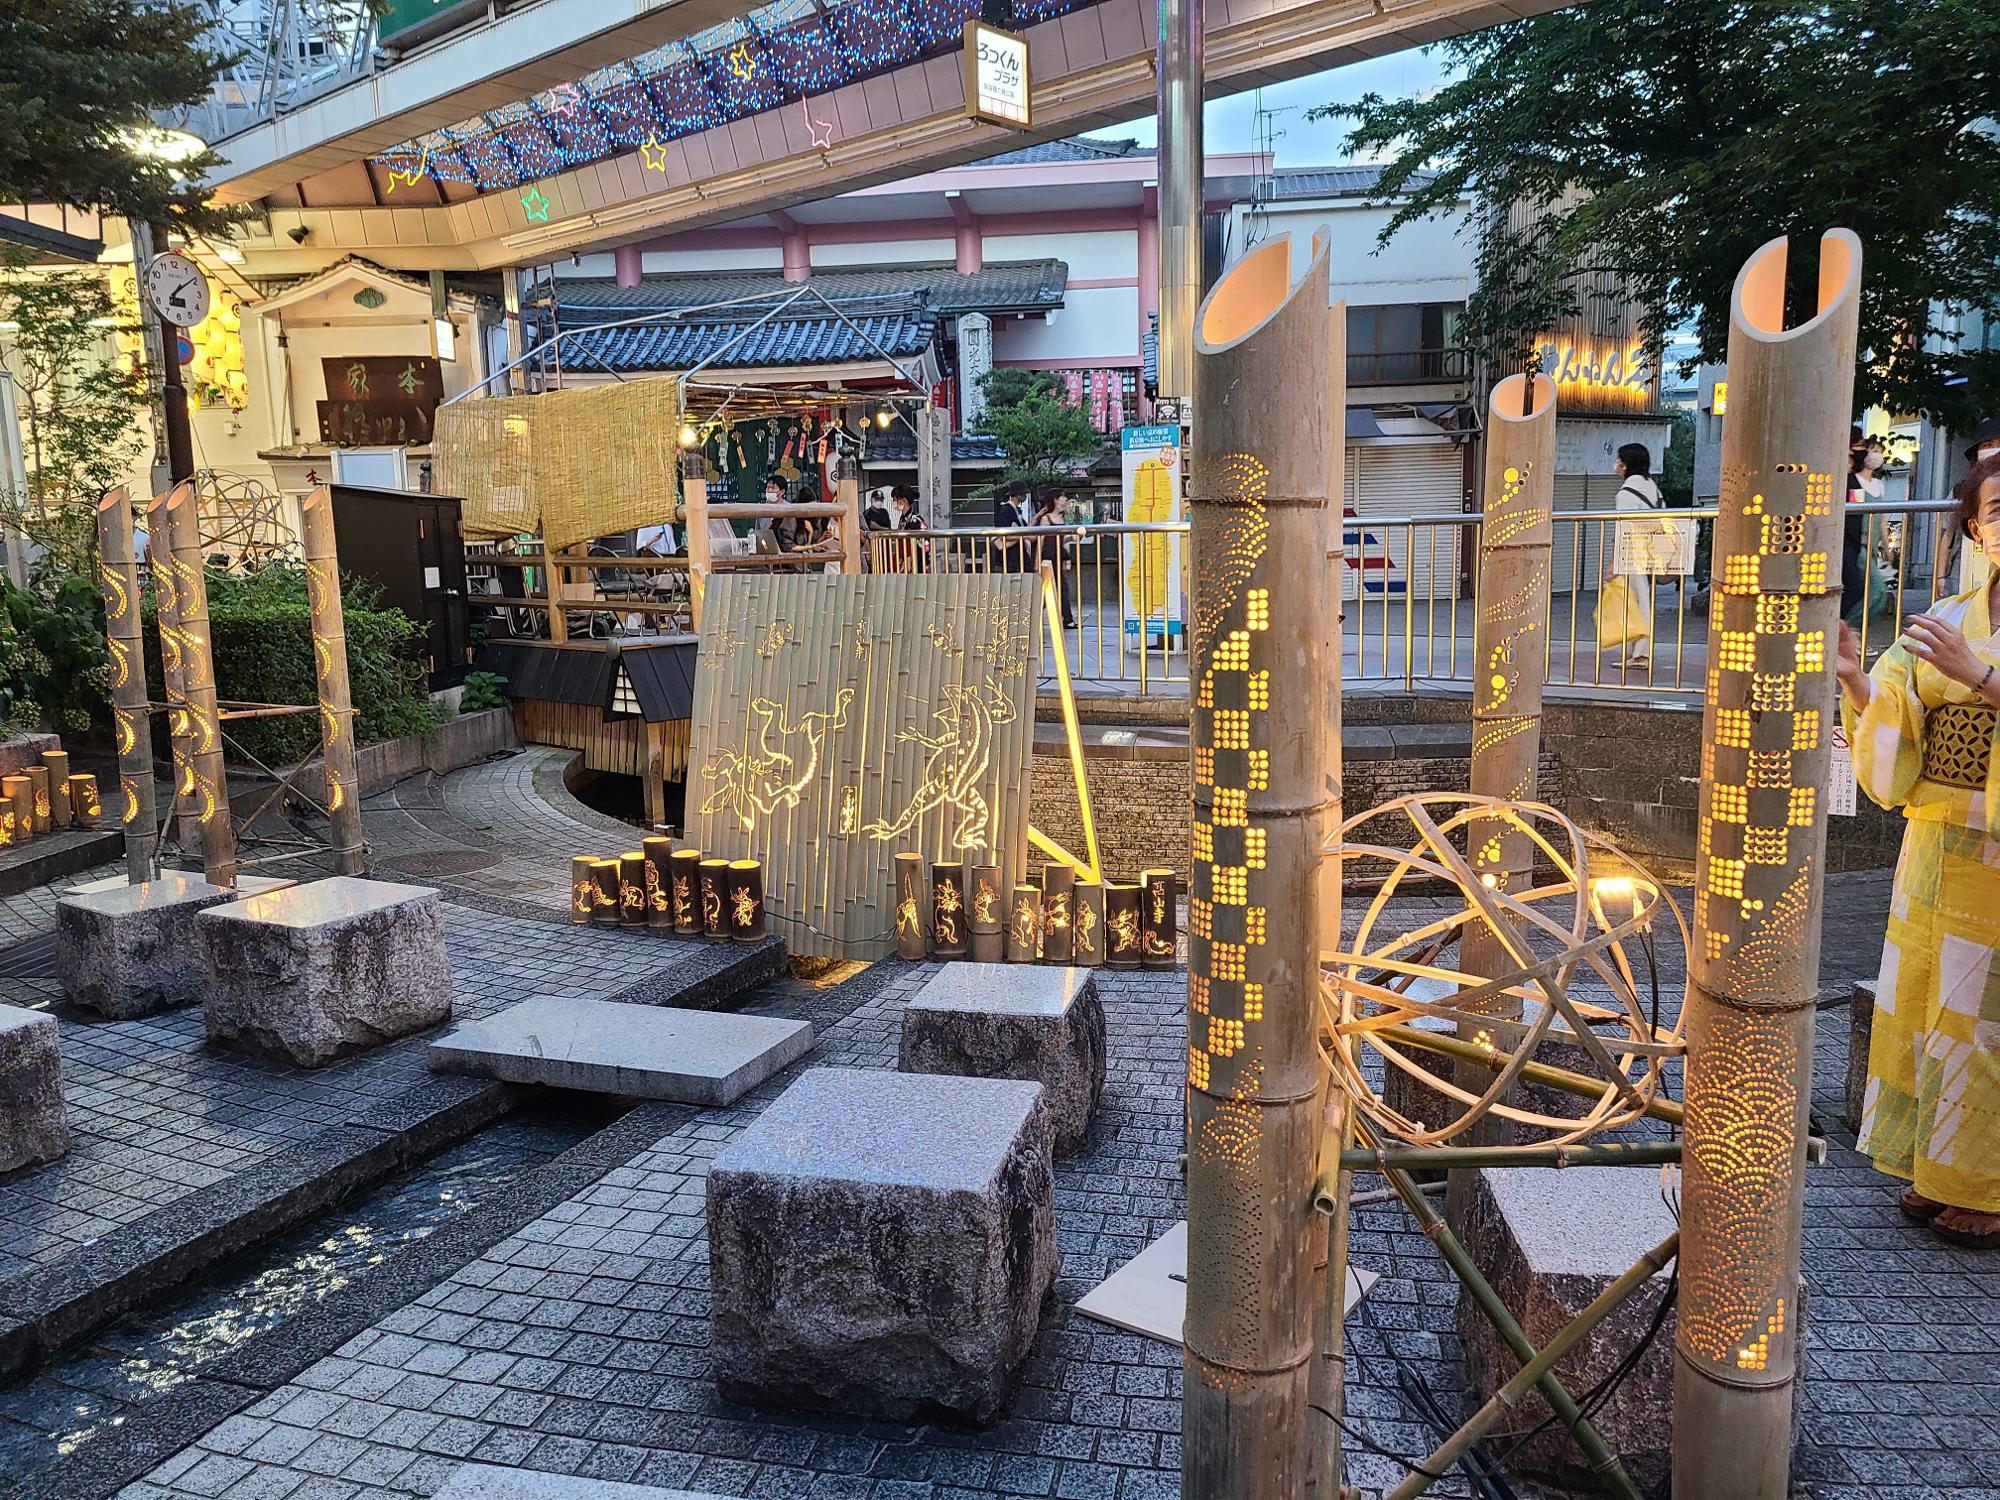 世界最大の竹あかりの祭典 みんなの想火 プロジェクト